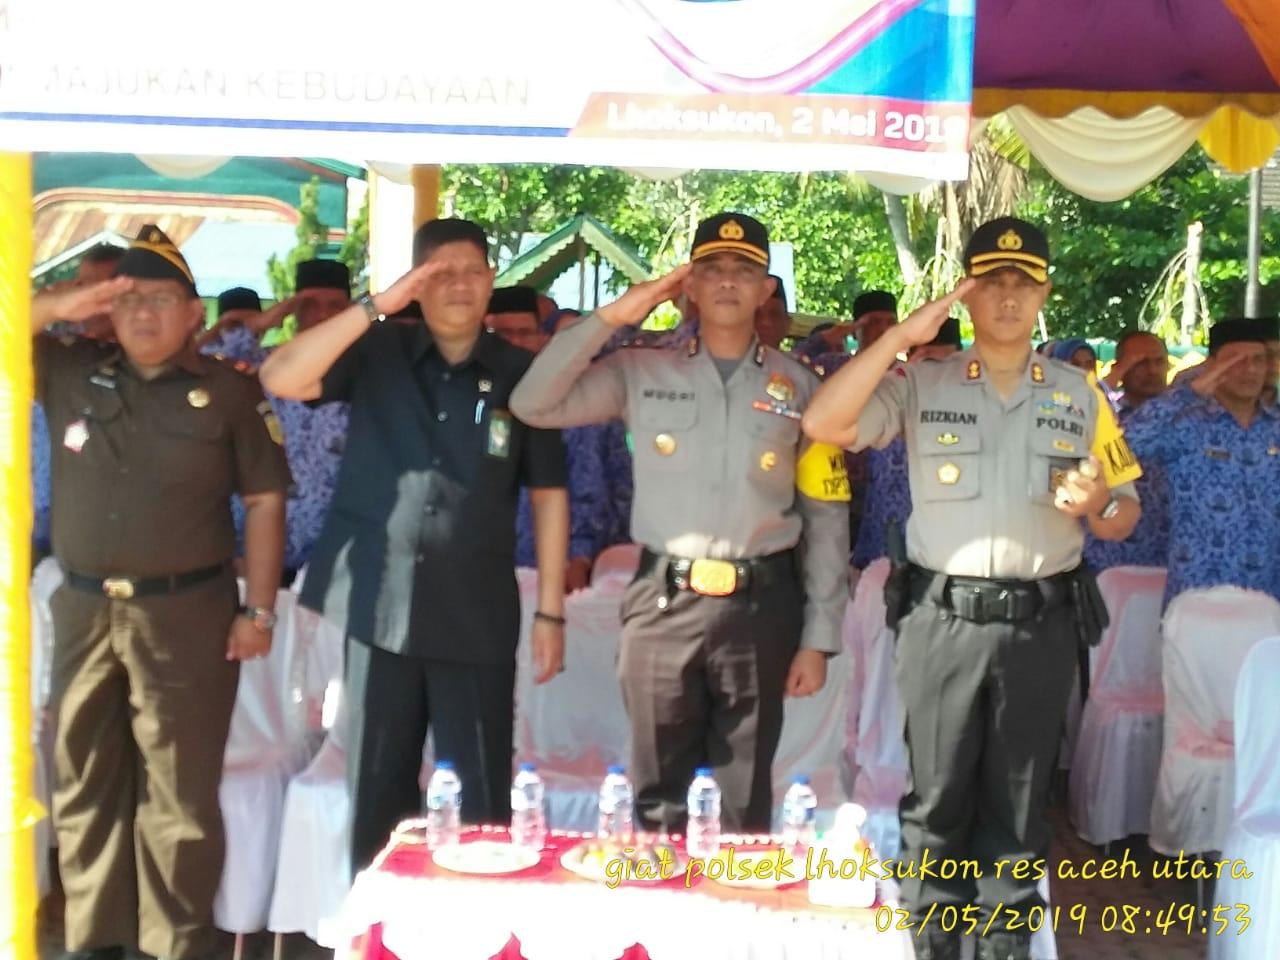 Kapolres Aceh Utara Hadiri Upacara Peringatan Hardiknas di Lhoksukon